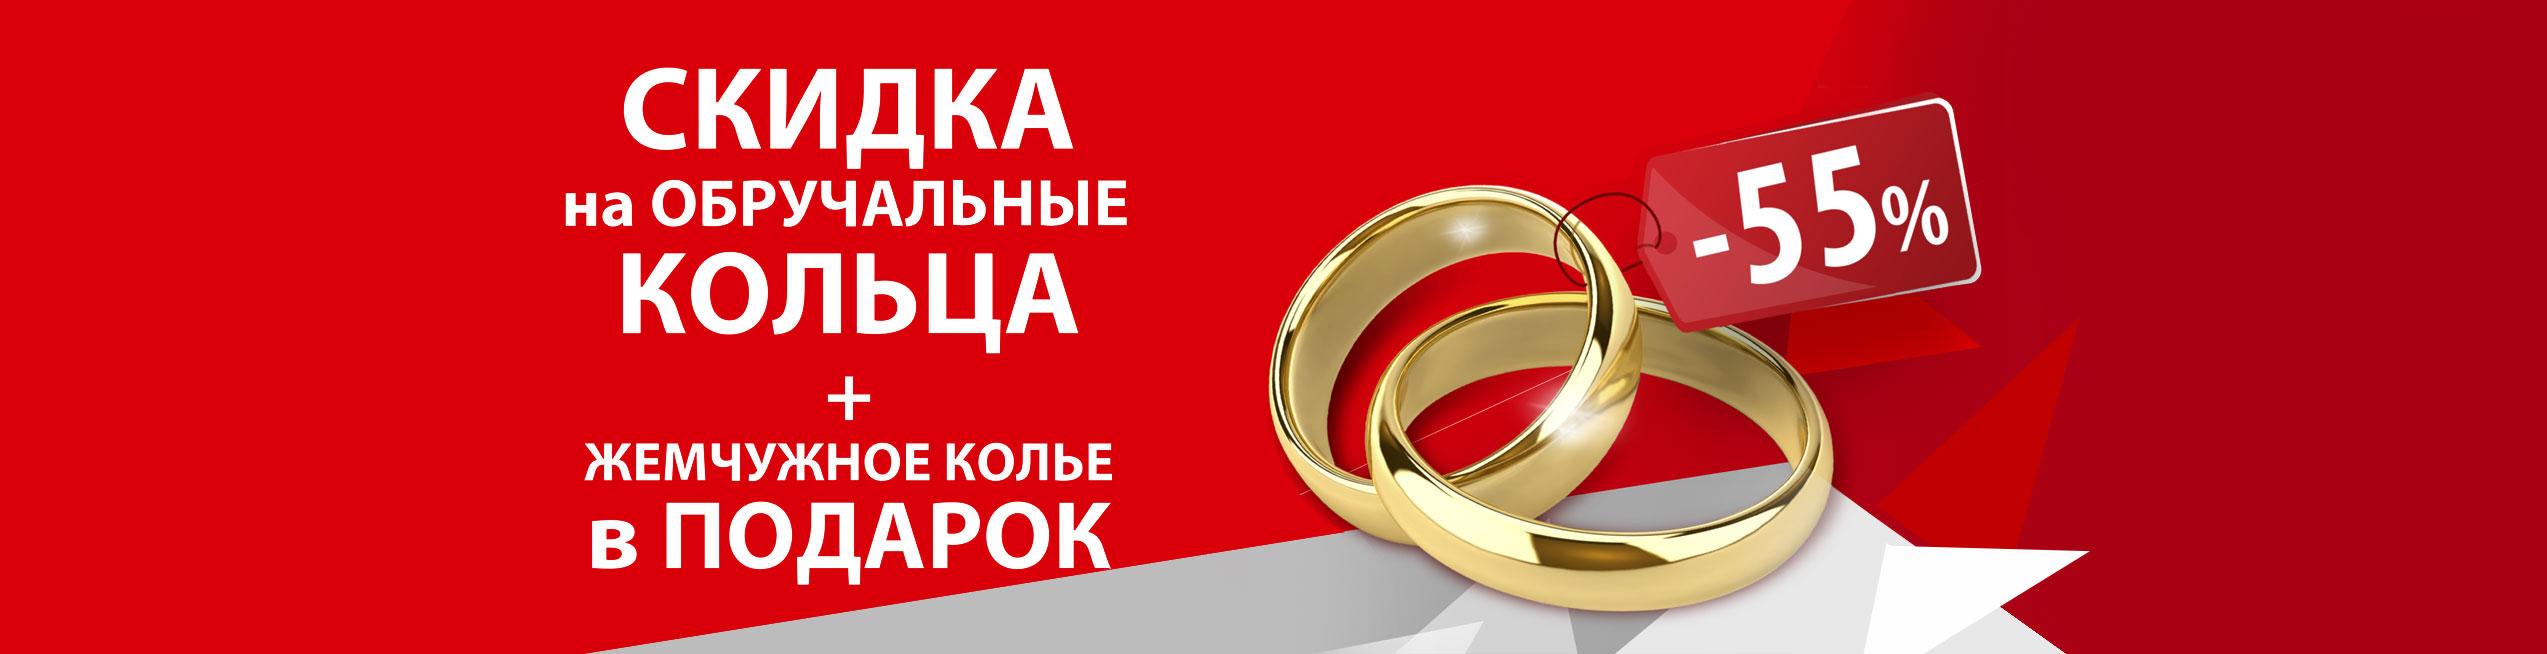 Скидка на обручальные кольца + жемчужное колье в подарок